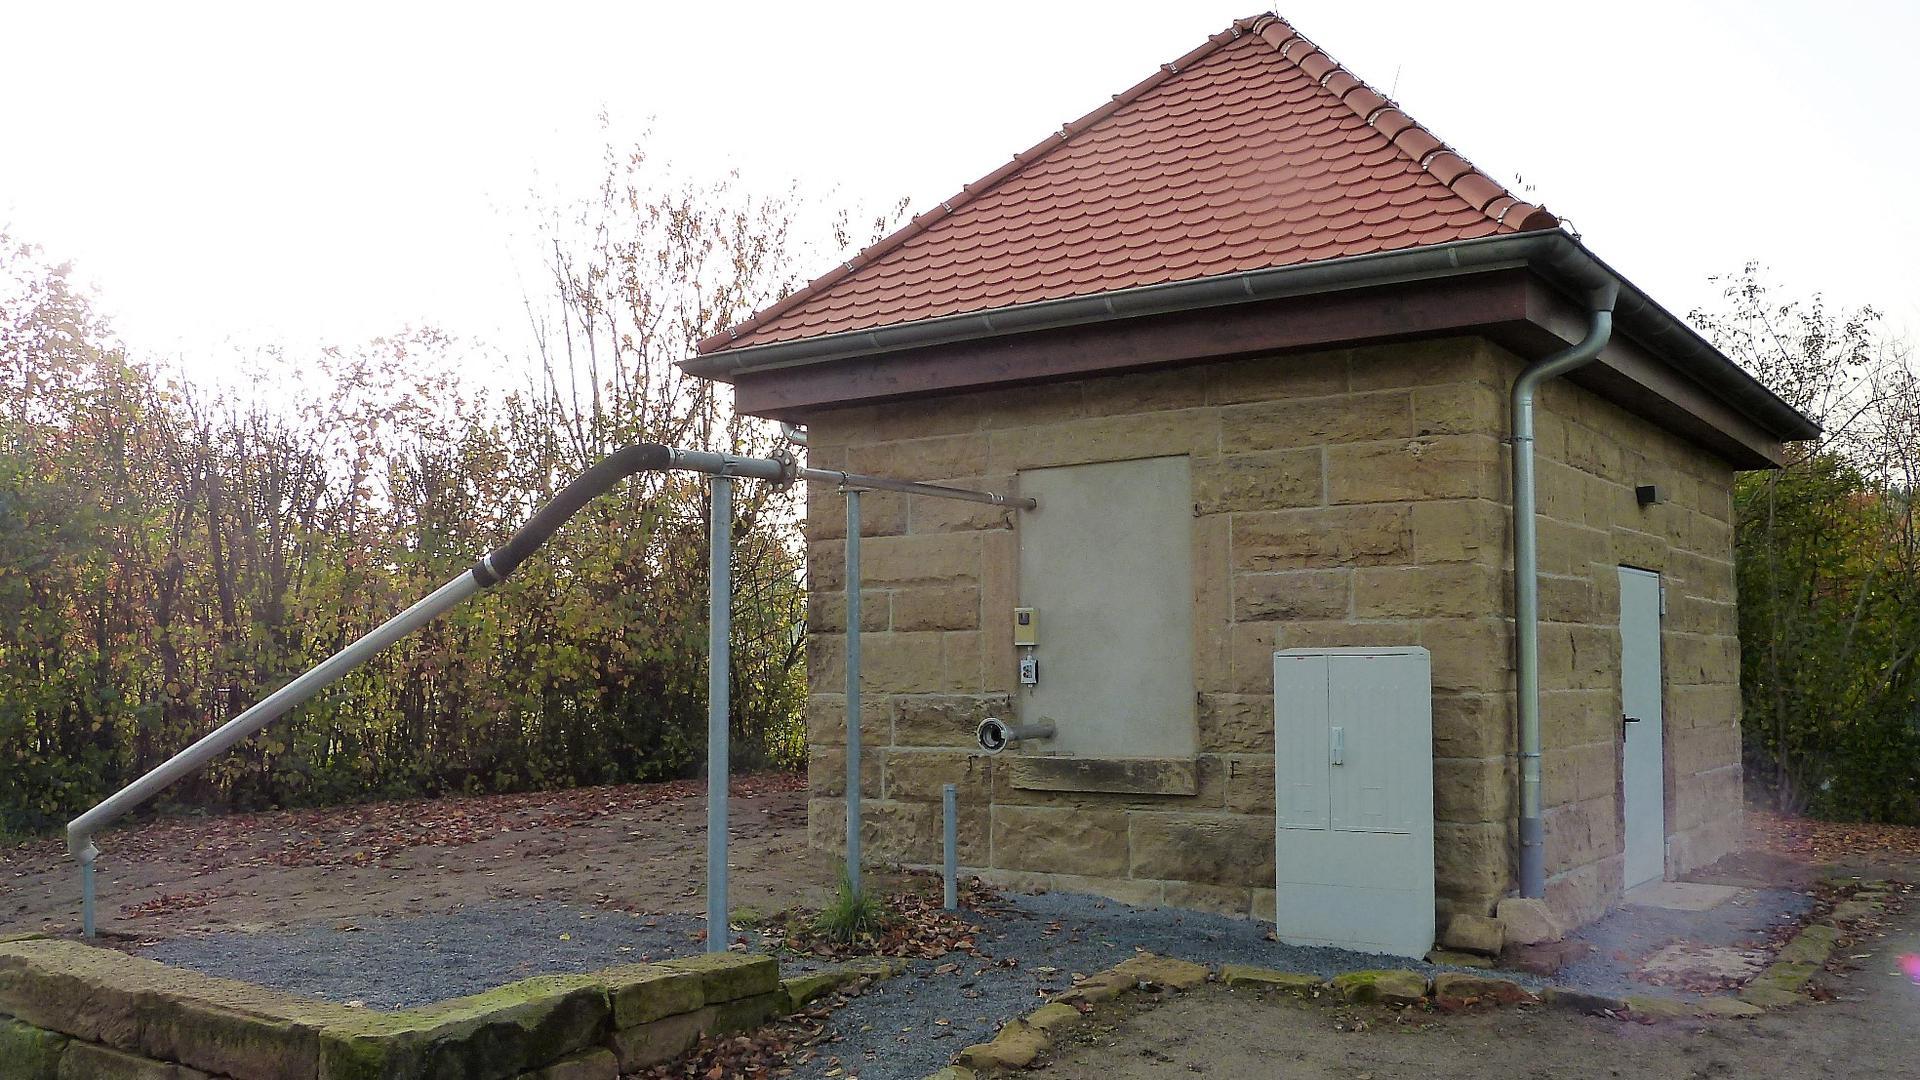 Die Wasserentnahmestelle in Oberderdingen.